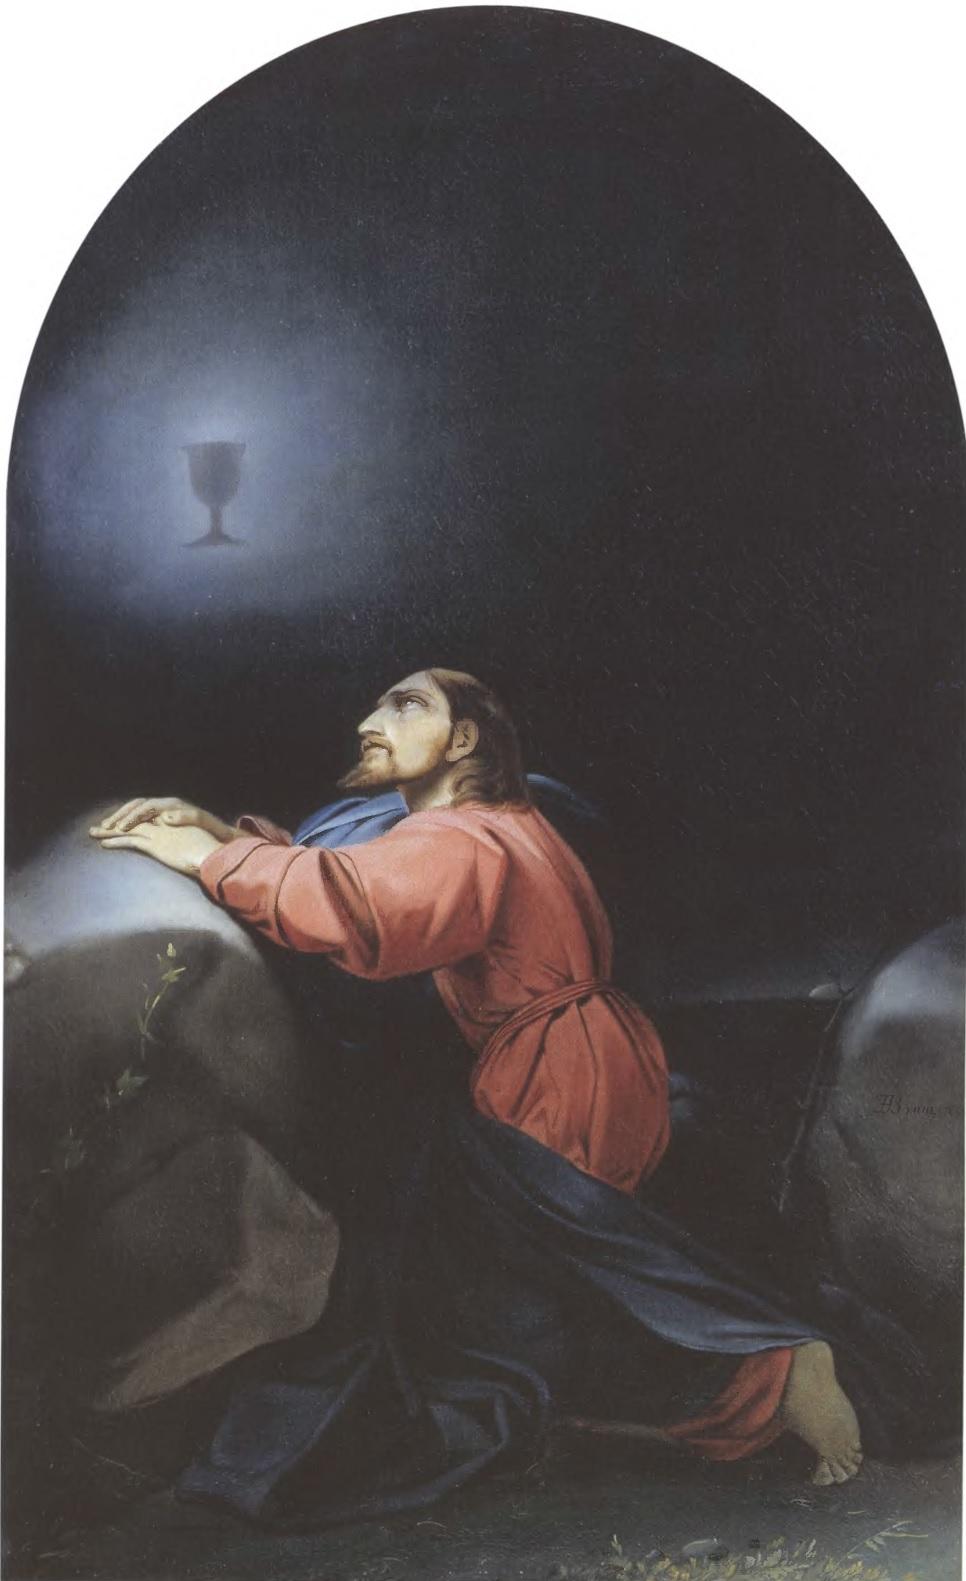 ФЕДОР БРУНИ. Моление о чаше. 1834-1836. Холст, масло 246 х 134,5 см. Государственная Третьяковская галерея